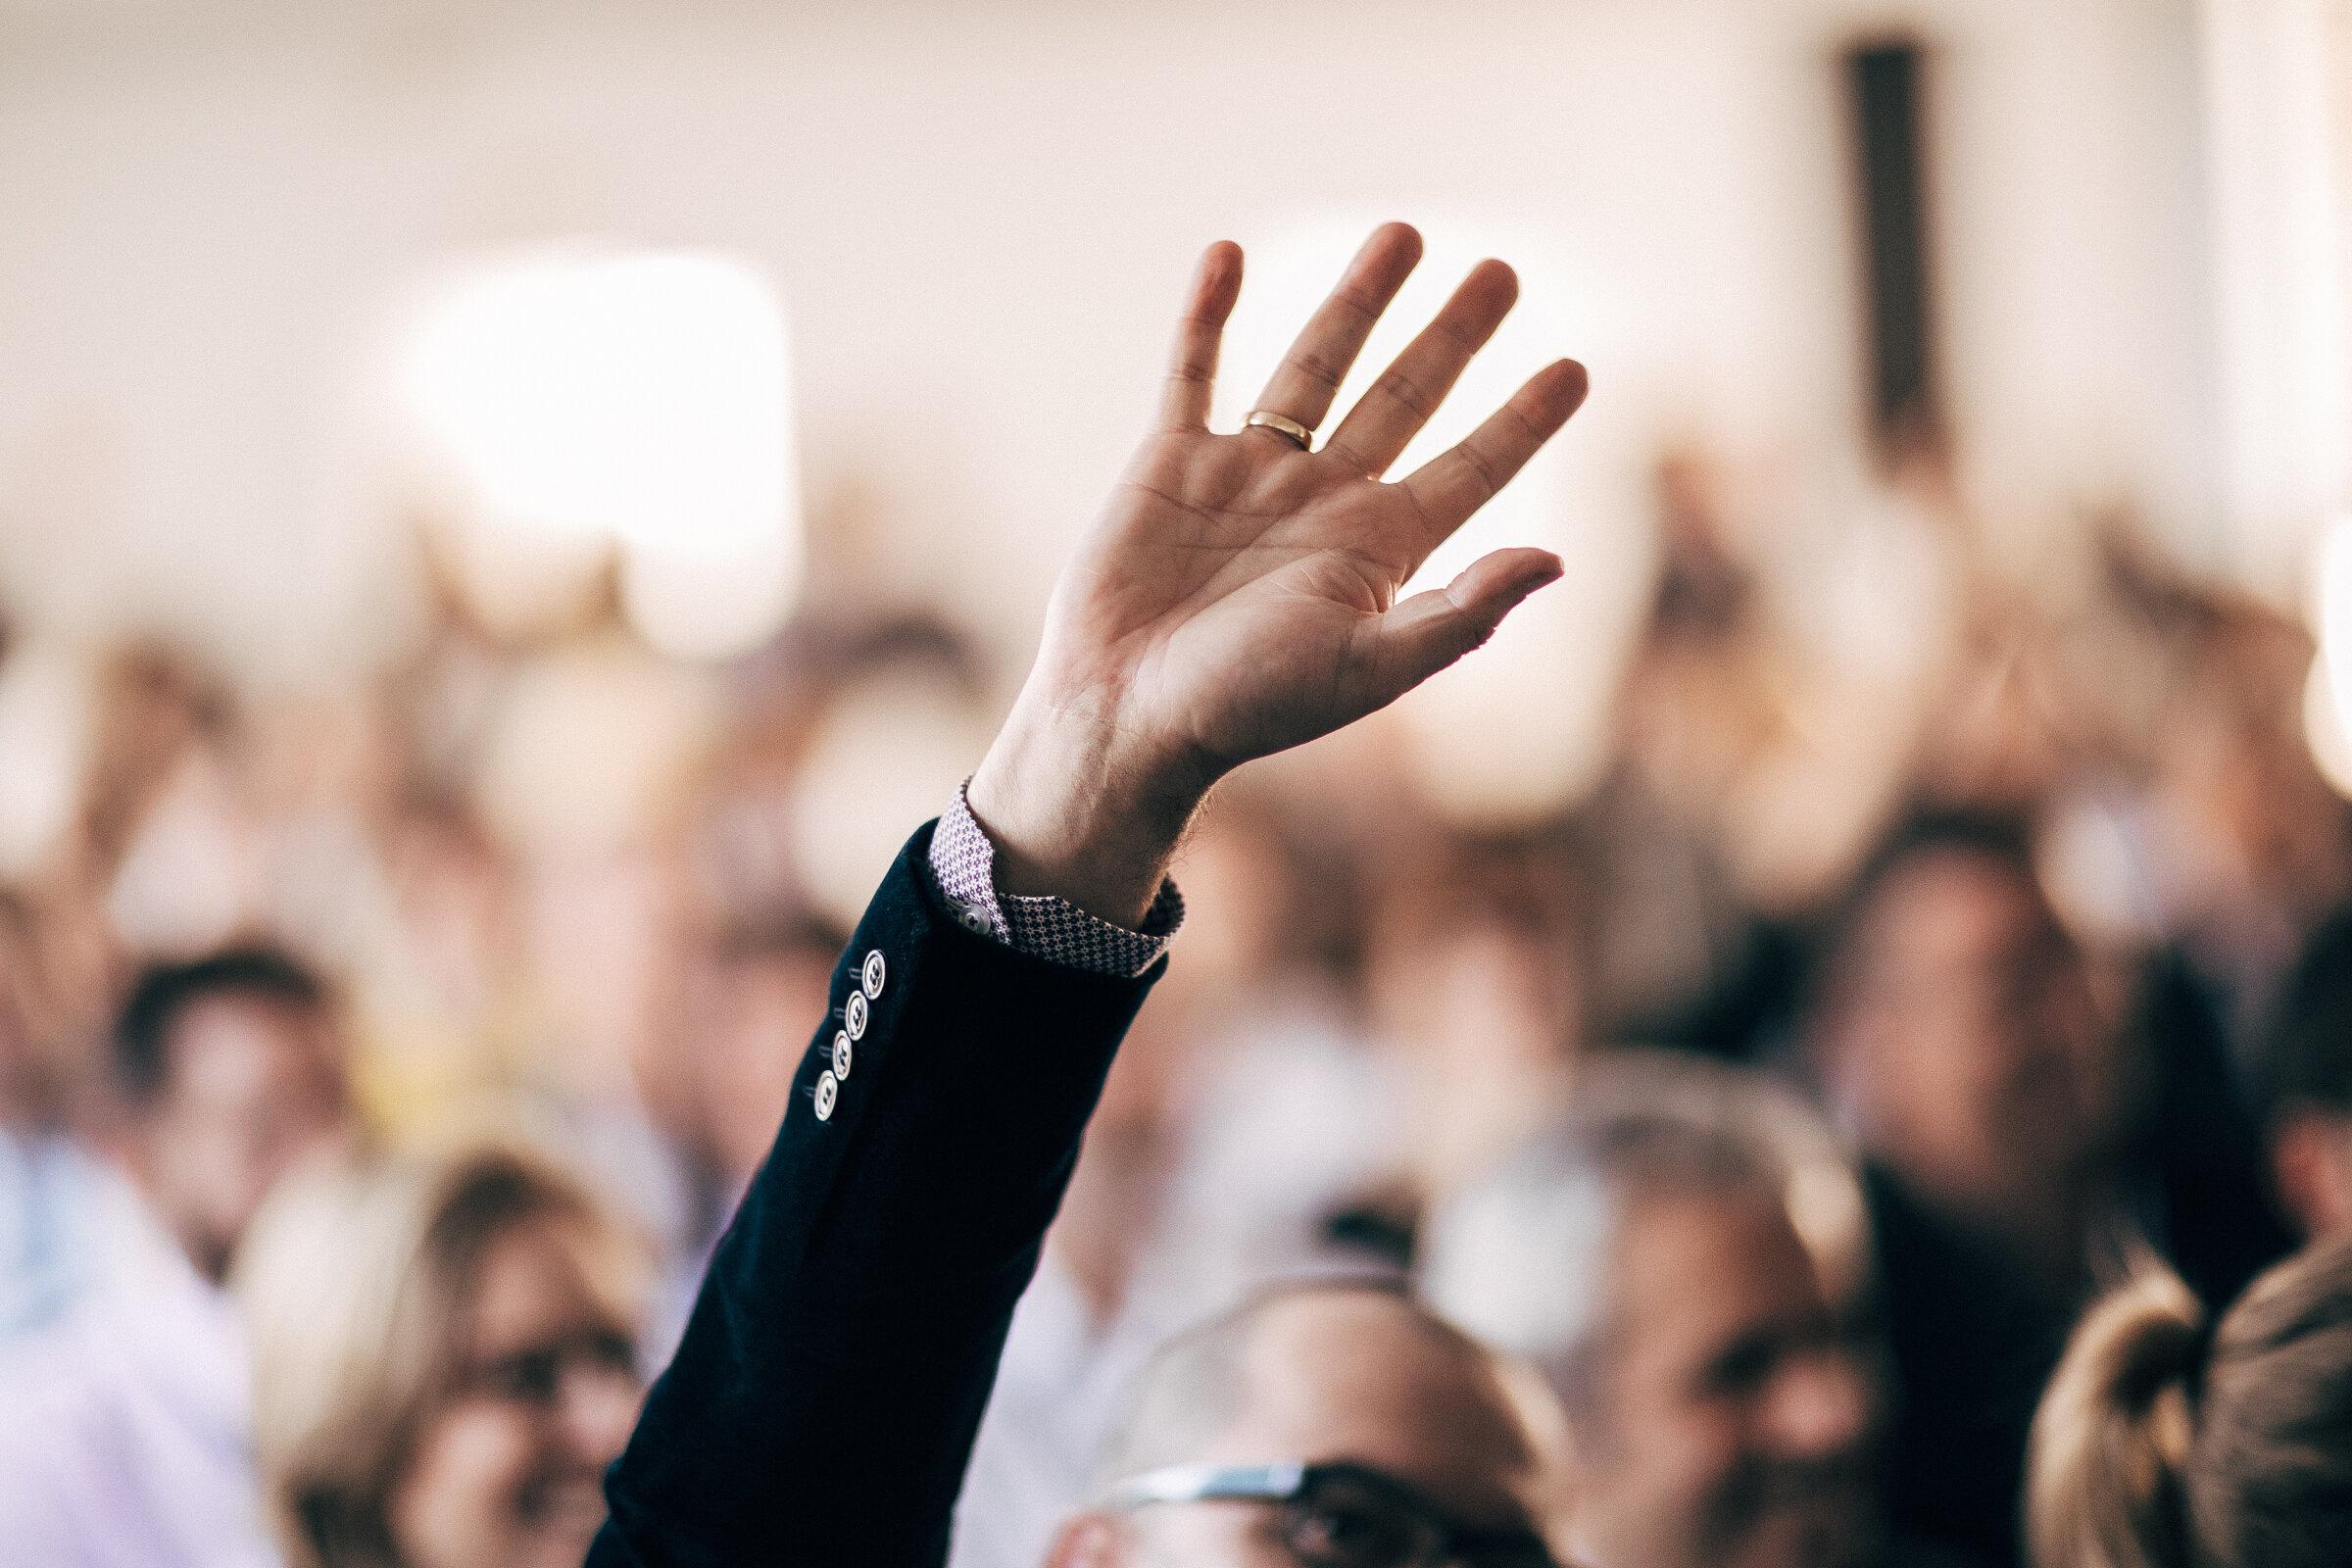 Une formation qui n'est faite que pour vous ! - Cet accompagnement élaboré autour de vos besoins spécifiques vous permettra d'évoluer au contact de formateurs experts sur les sujets que vous trouvez importants. De cette façon, vous renforcerez votre socle de connaissances théoriques ou pratiques dans une atmosphère stimulante. Concrètement, cela signifie :